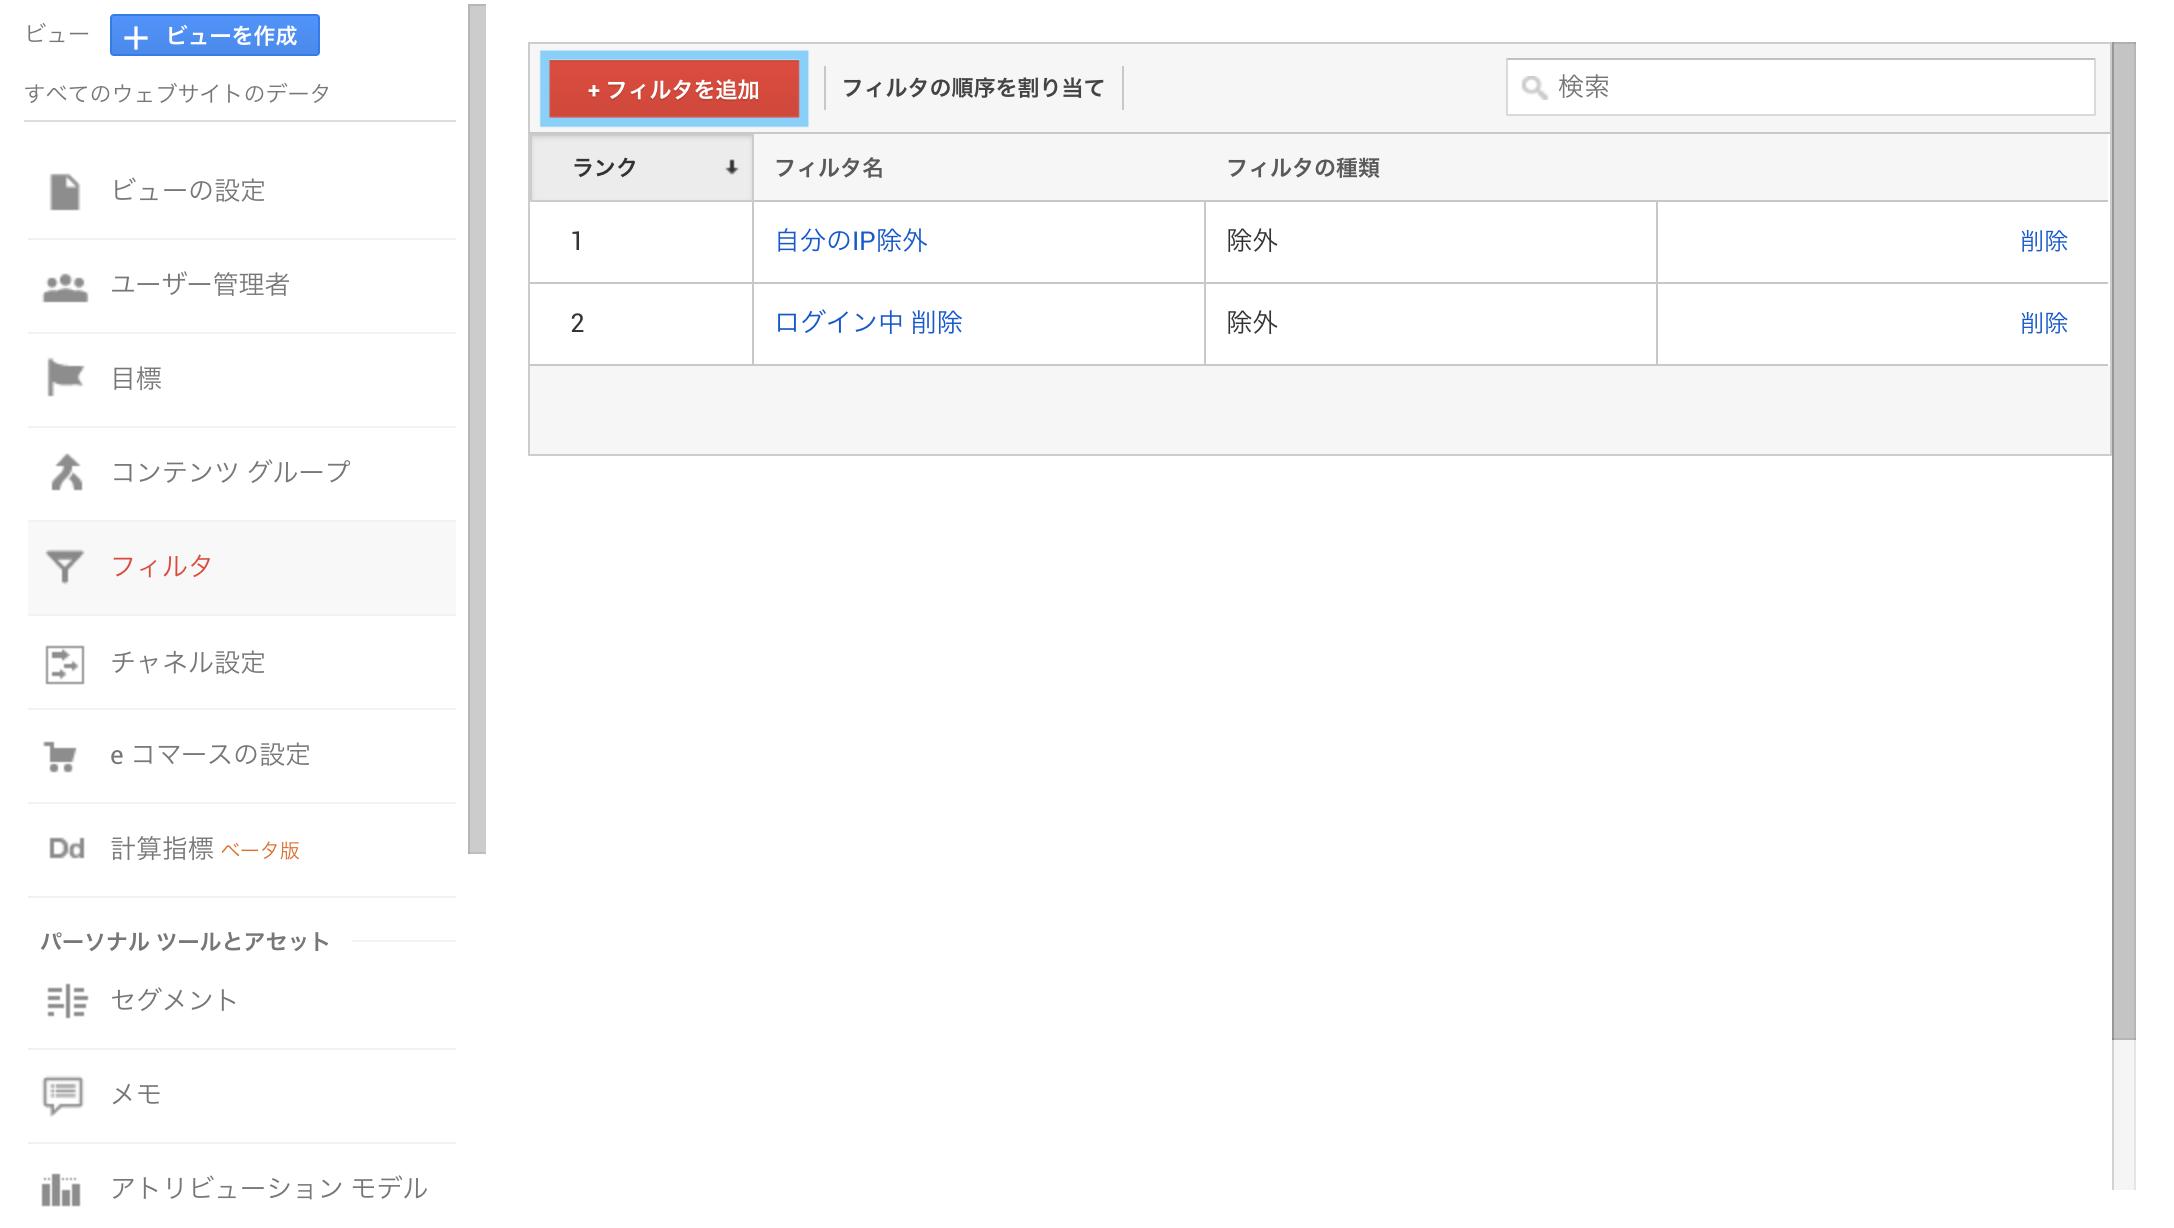 Googleアナリティクスで「 フィルタを追加」をクリックする